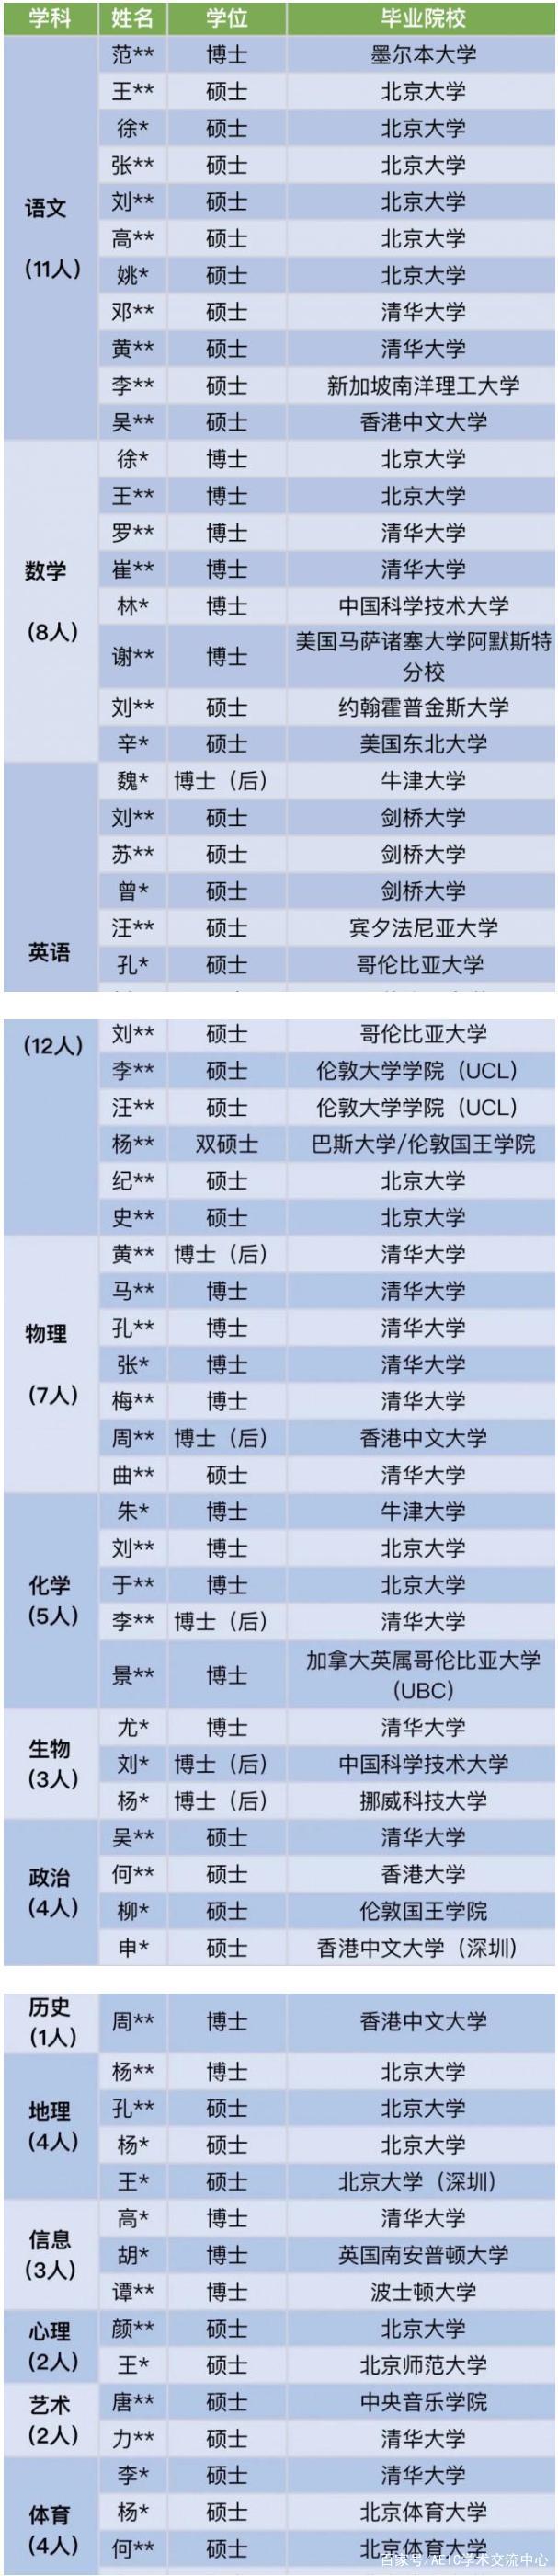 深圳中学2020年入职教师名单1.jpg